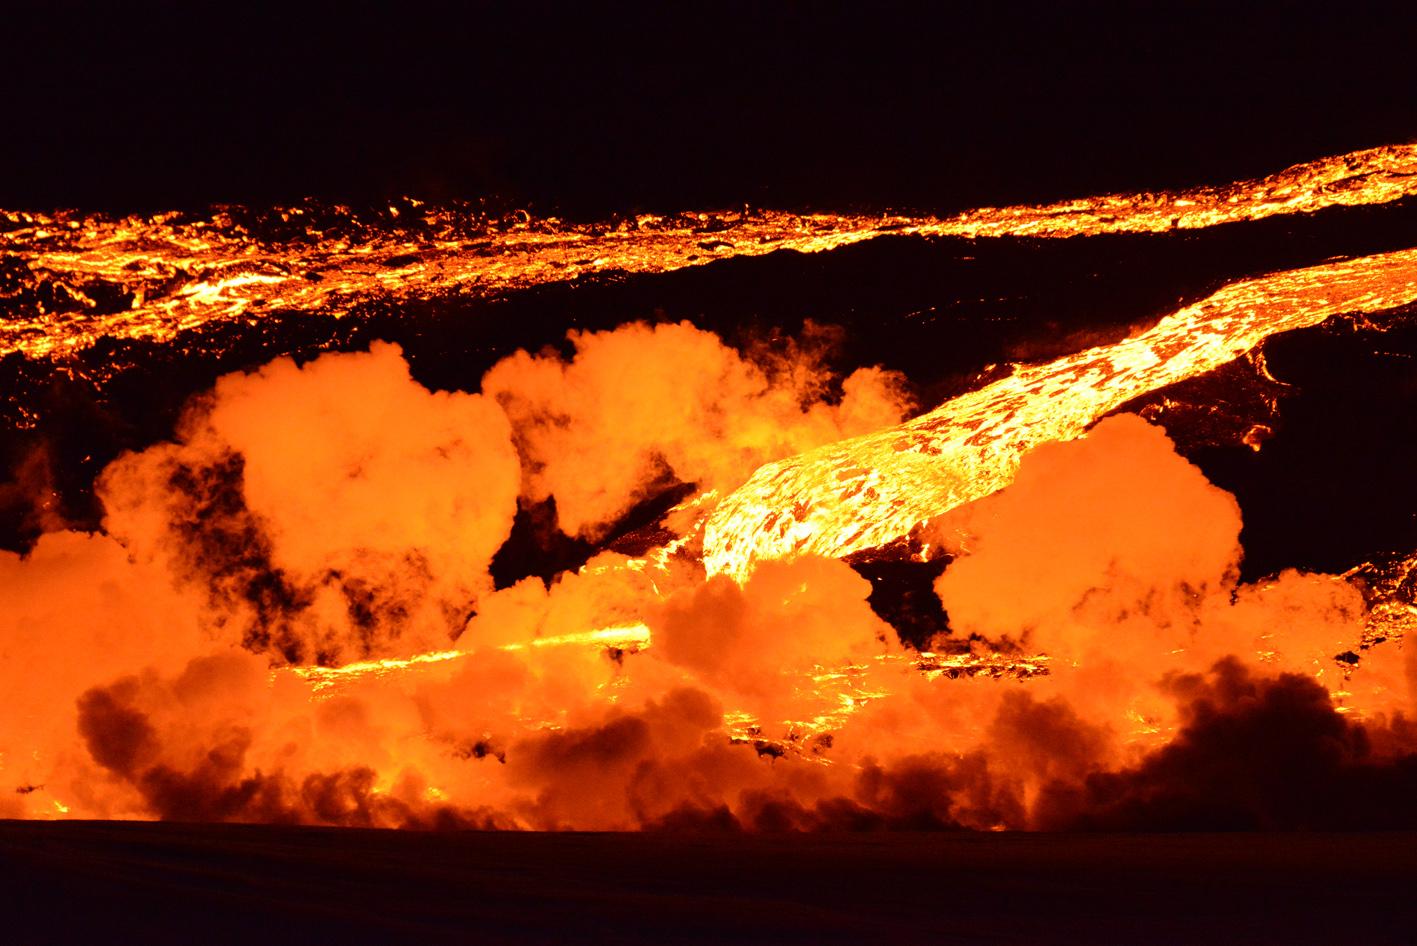 Lava channel in East Flow Field, Tolbachik eruption, April 2013